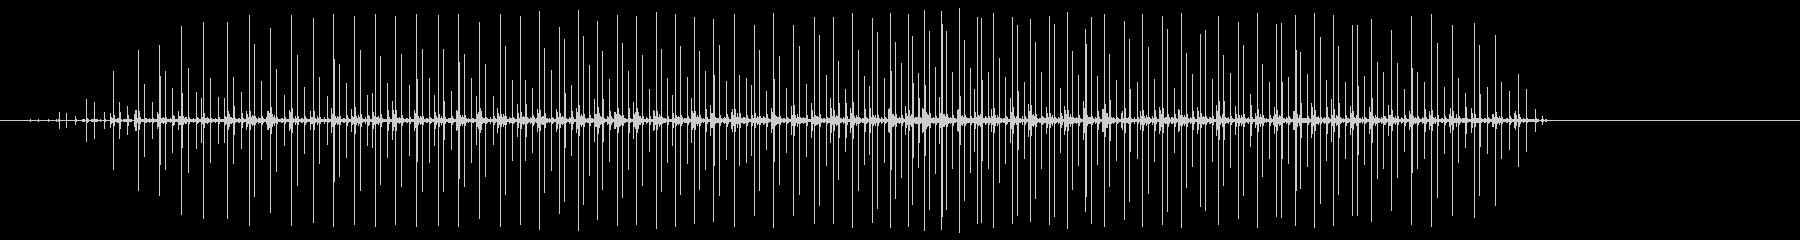 スピードバッグ:一定のパンチング、...の未再生の波形